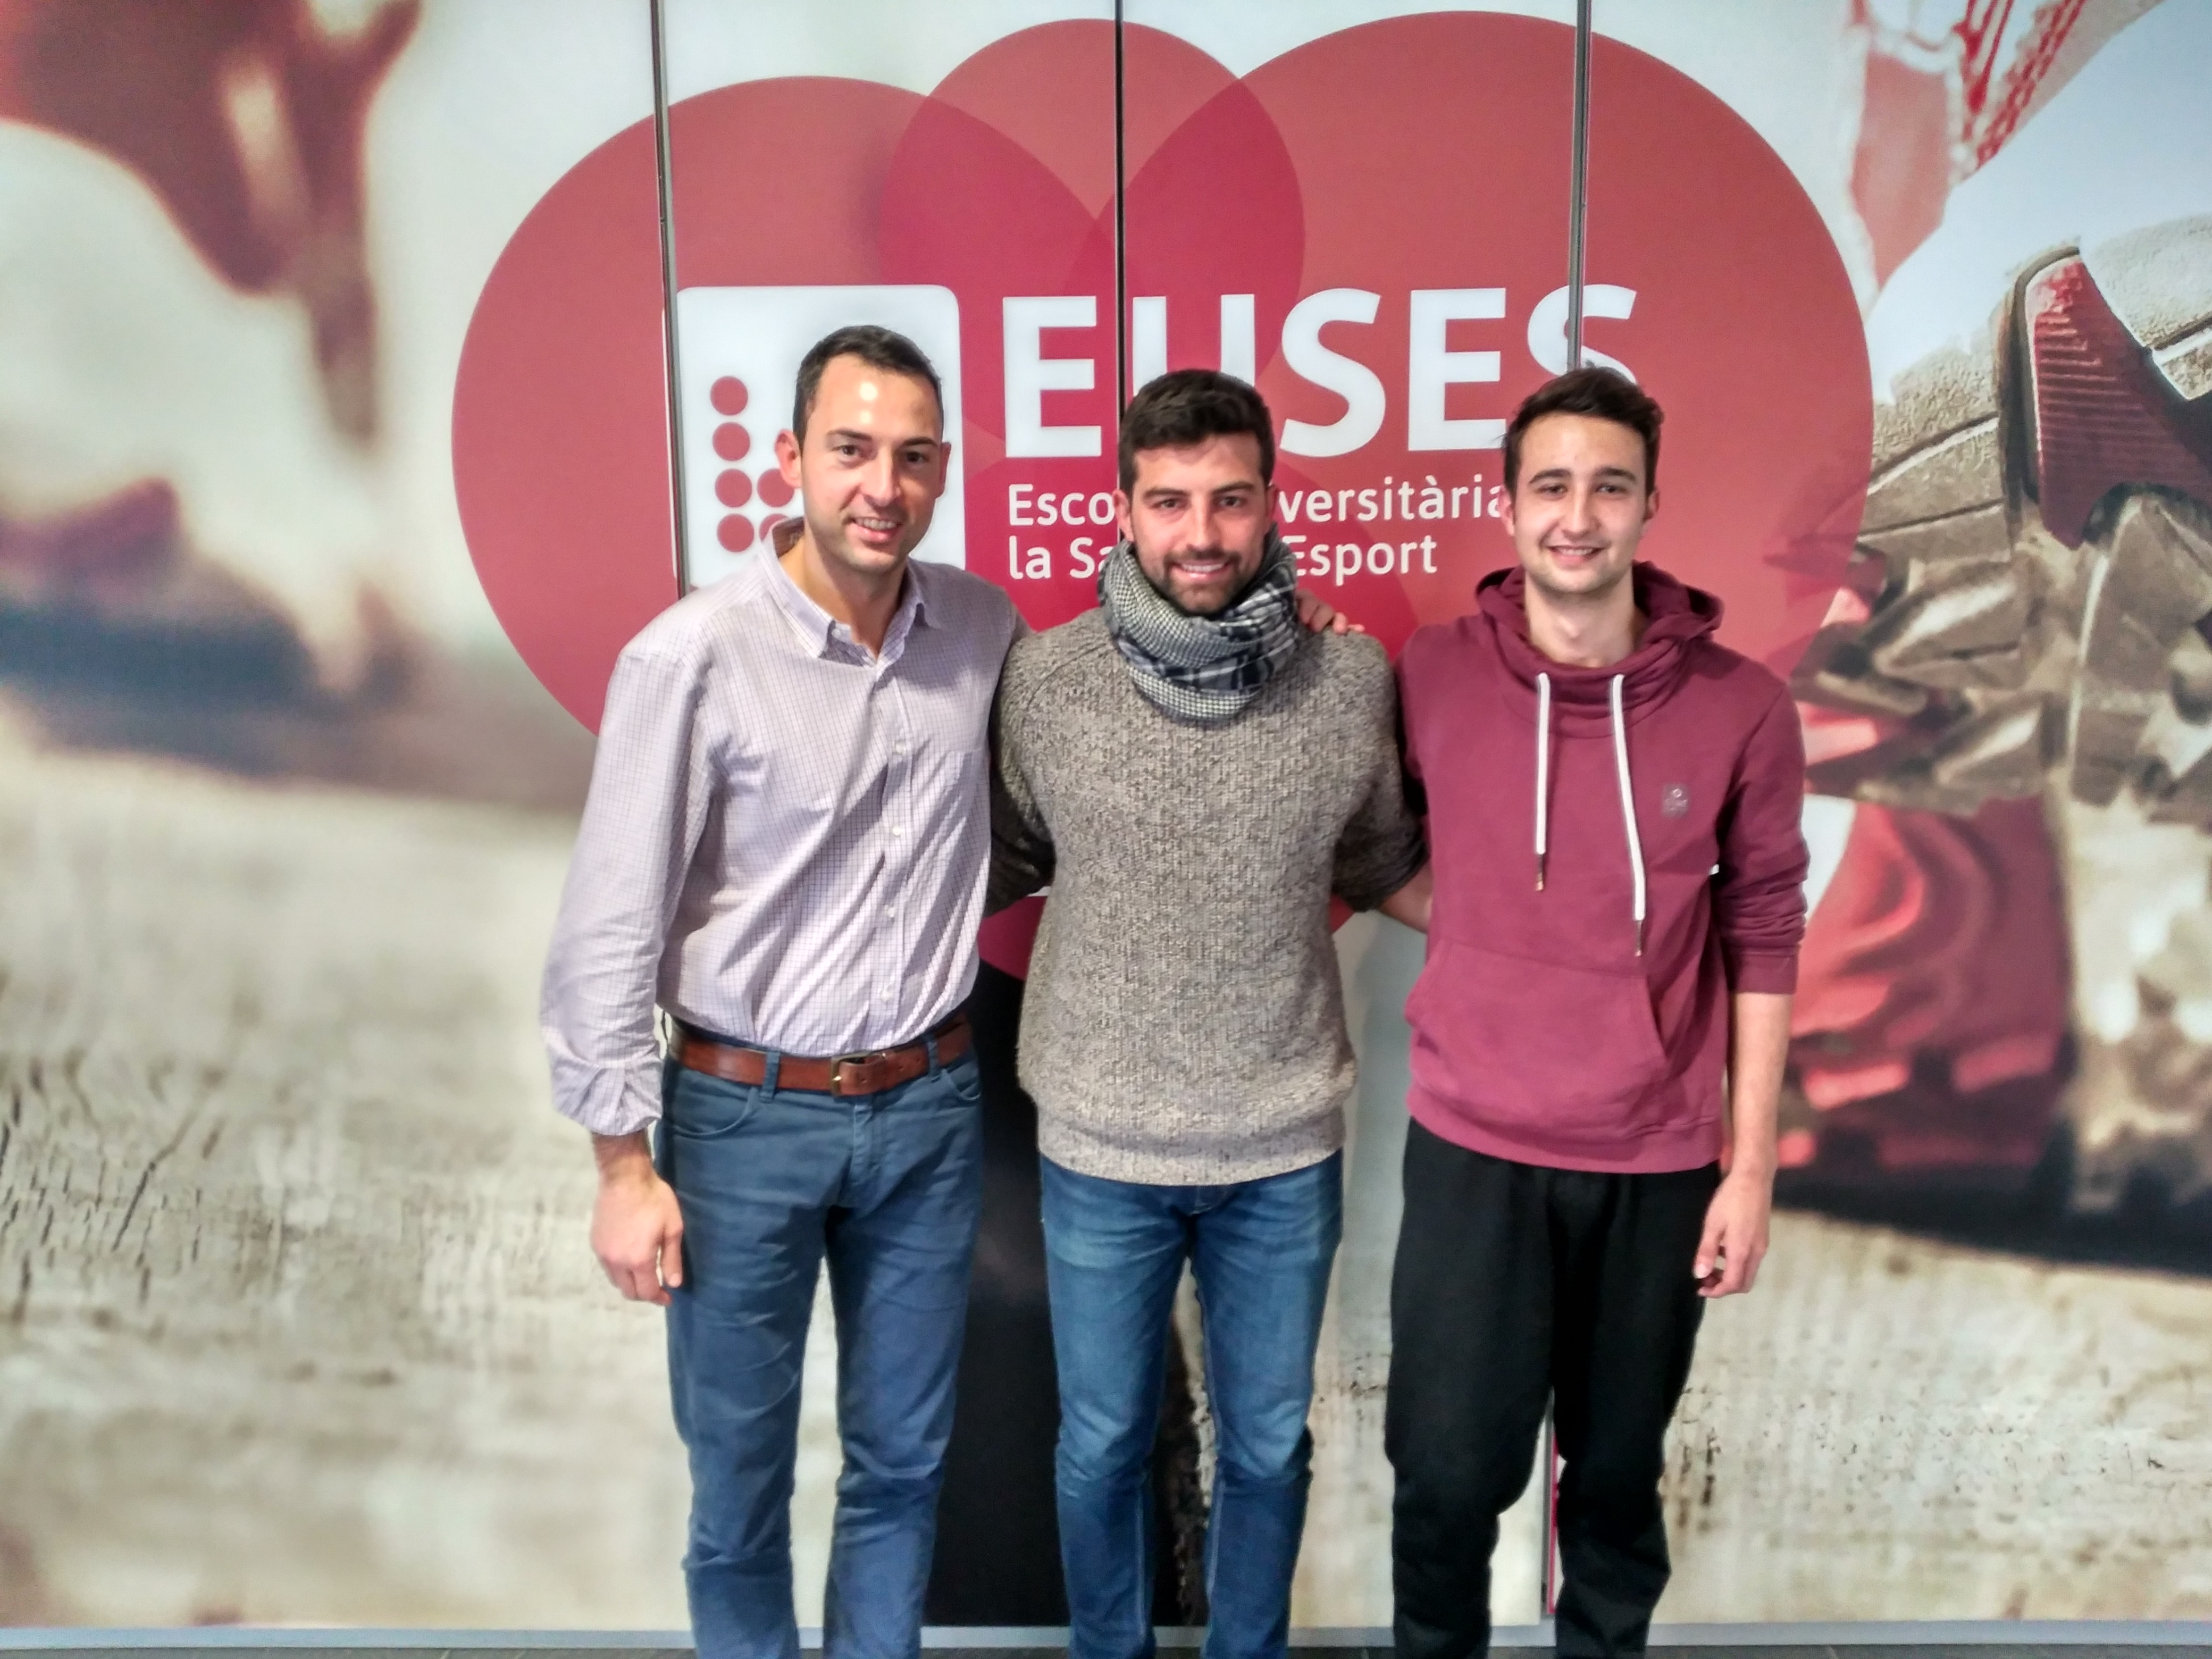 L'Escola Universitària de la Salut i l'Esport renova l'acord per realitzar pràctiques de CAFE en el primer equip de la UE Llagostera de futbol